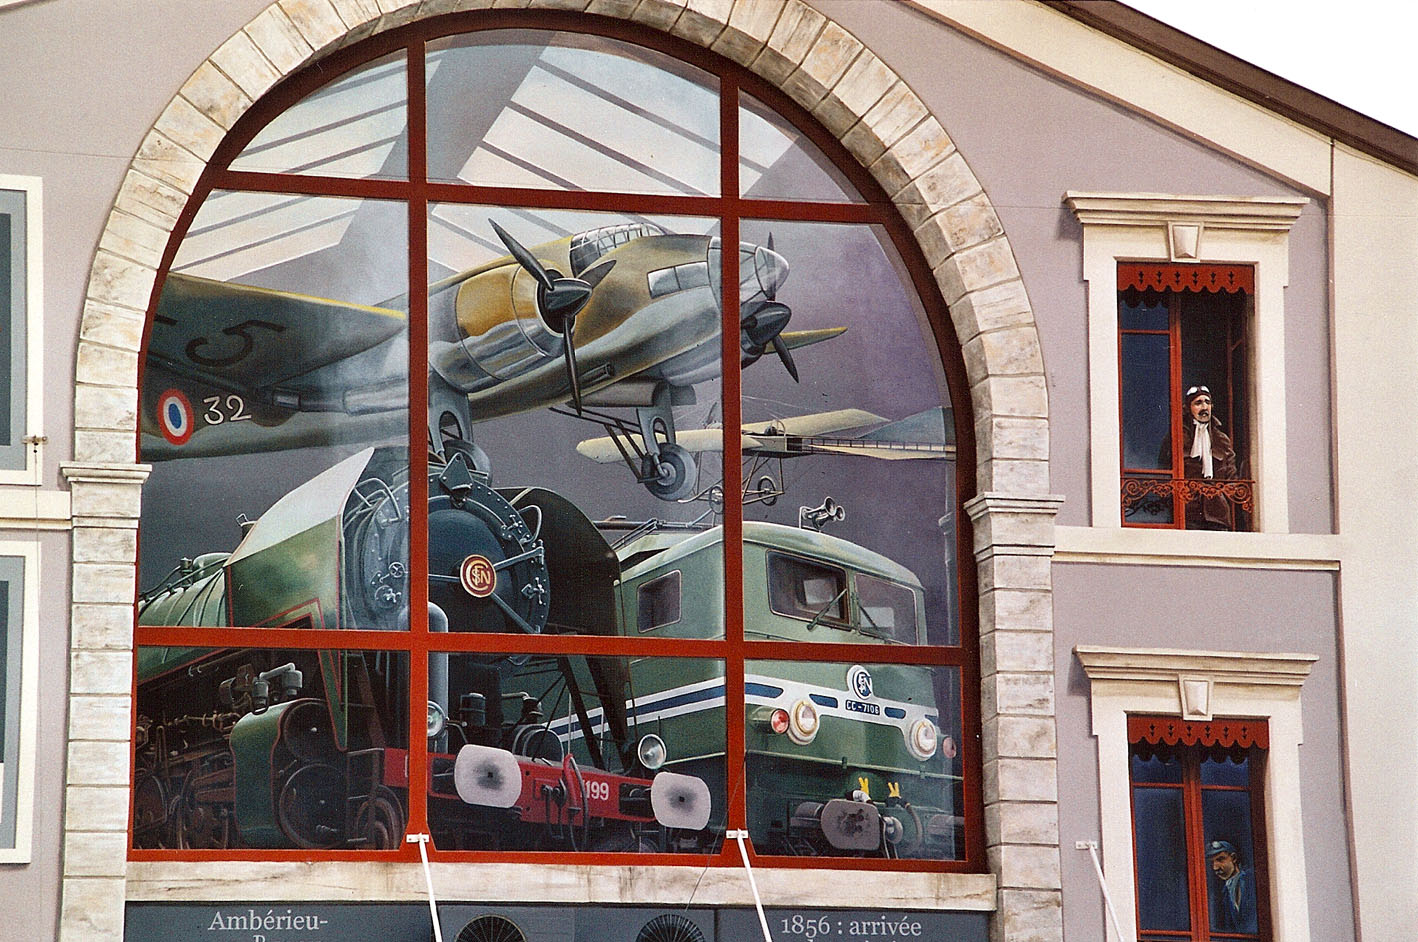 amberieu berceau du et de l aviation 187 les trompe l œil 187 vincent ducaroy fresques